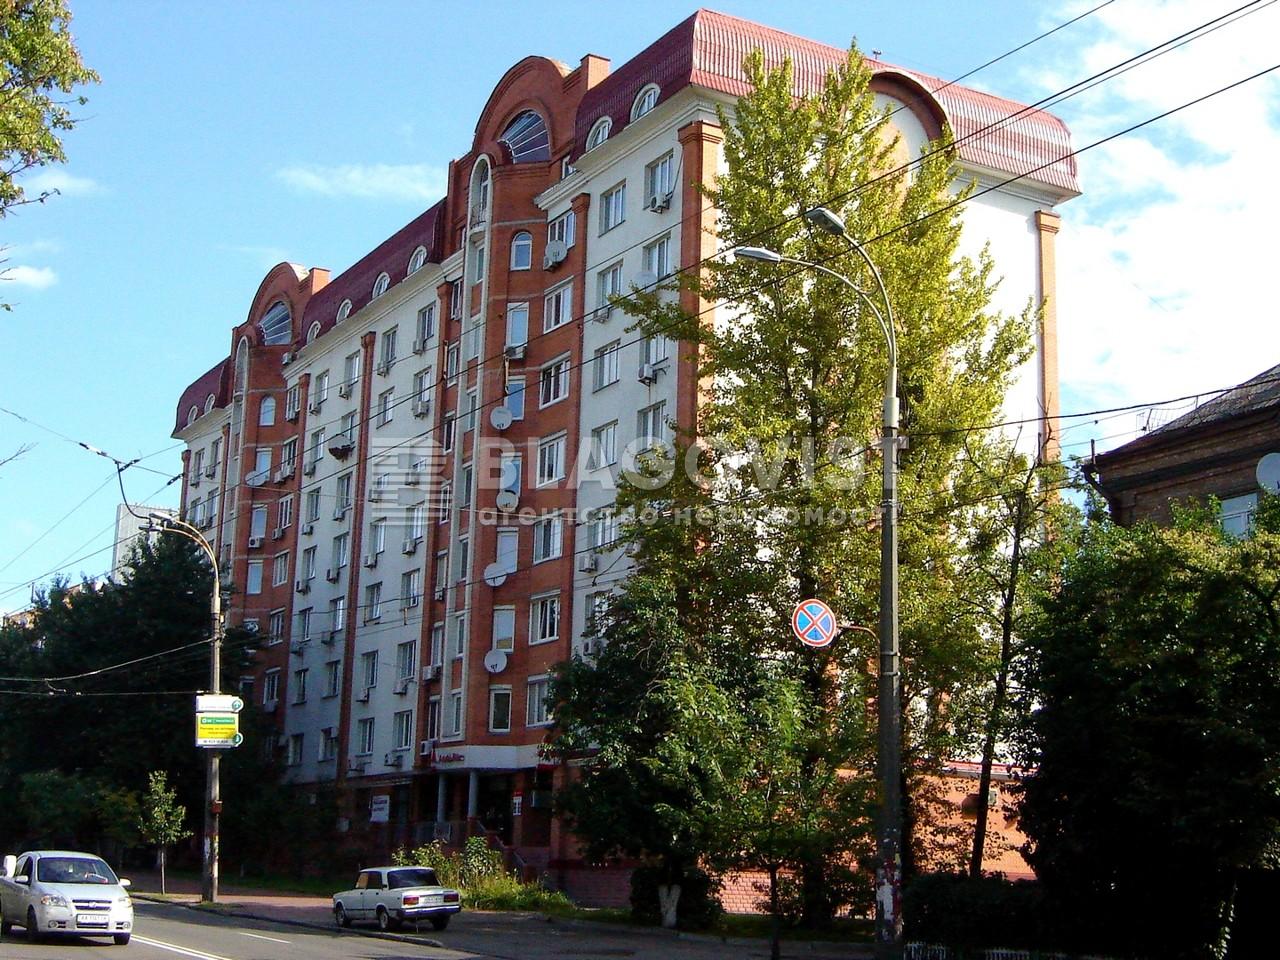 Квартира A-91517, Щербаковского Даниила (Щербакова), 42, Киев - Фото 2